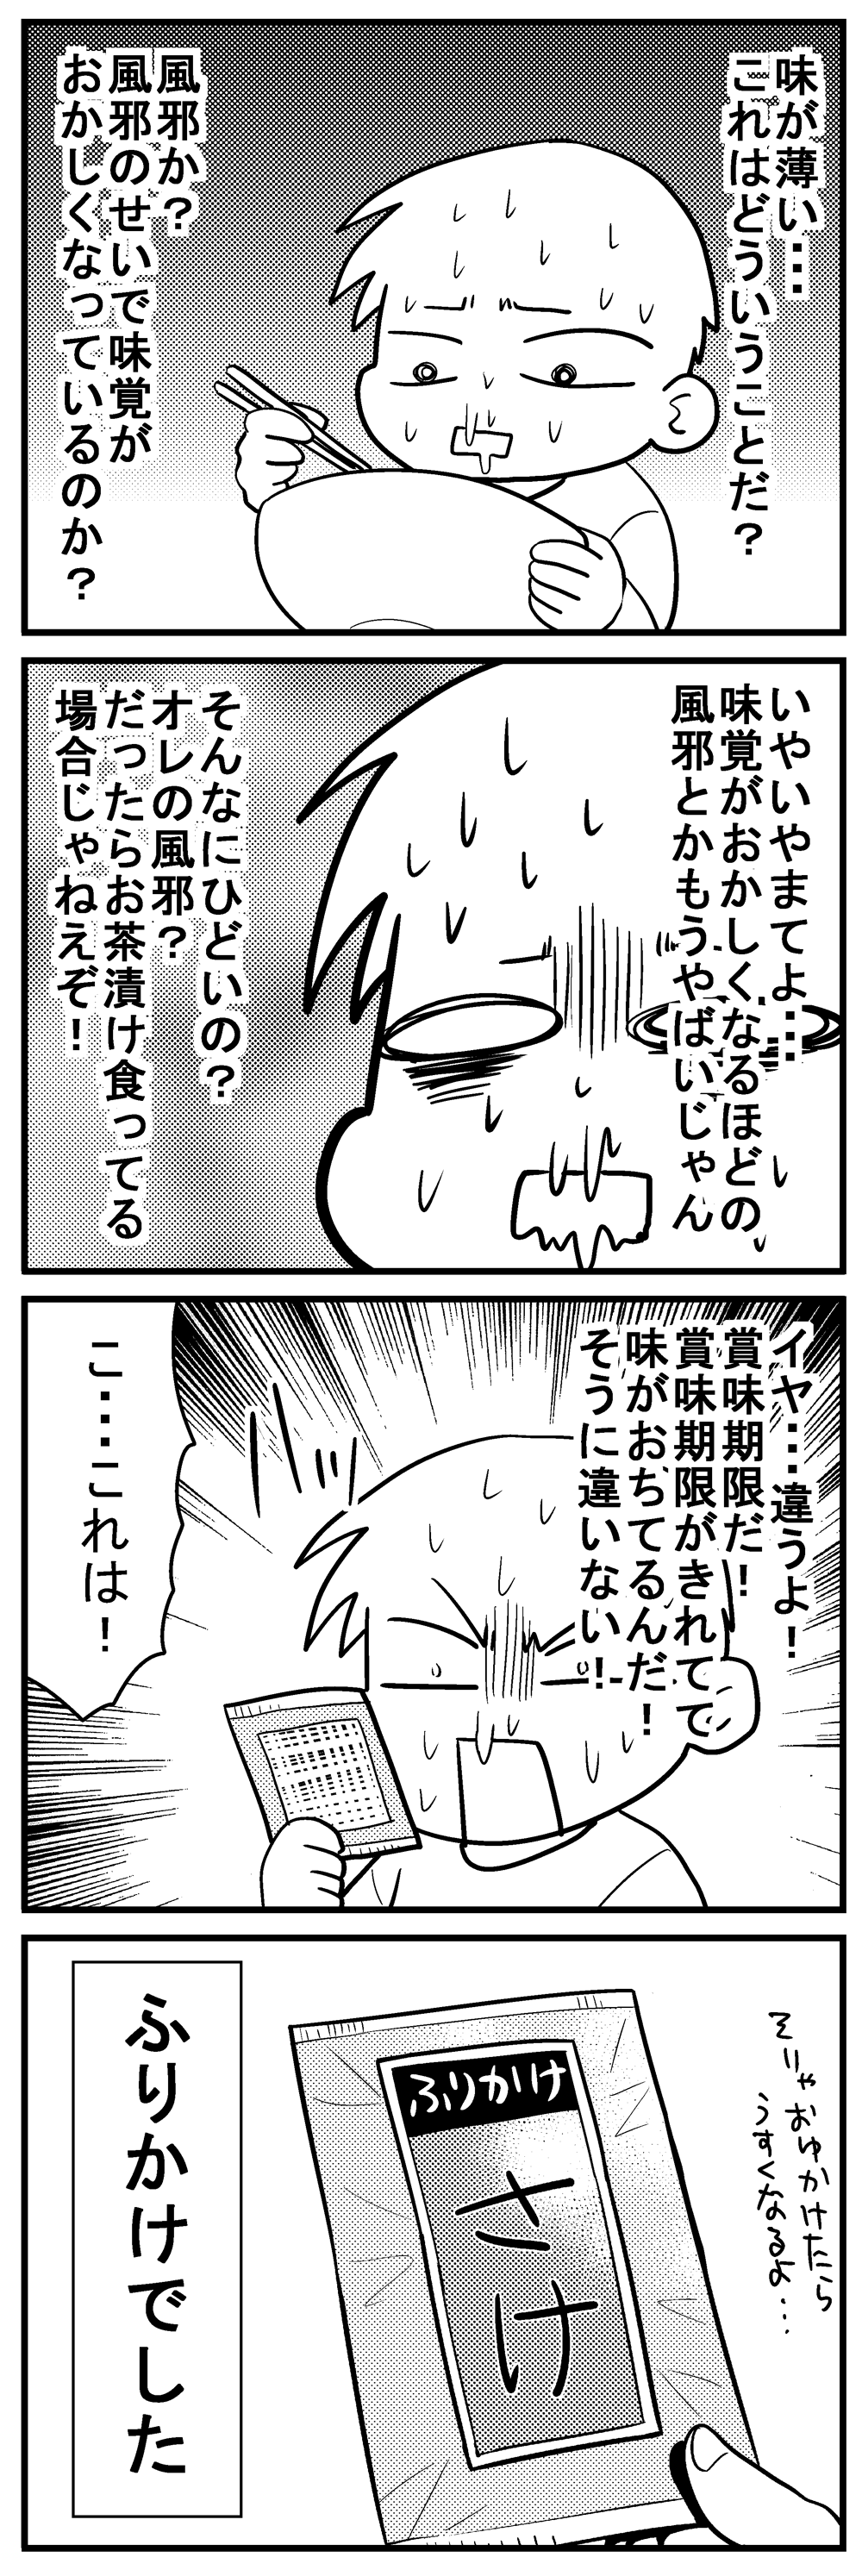 深読みくん65-4